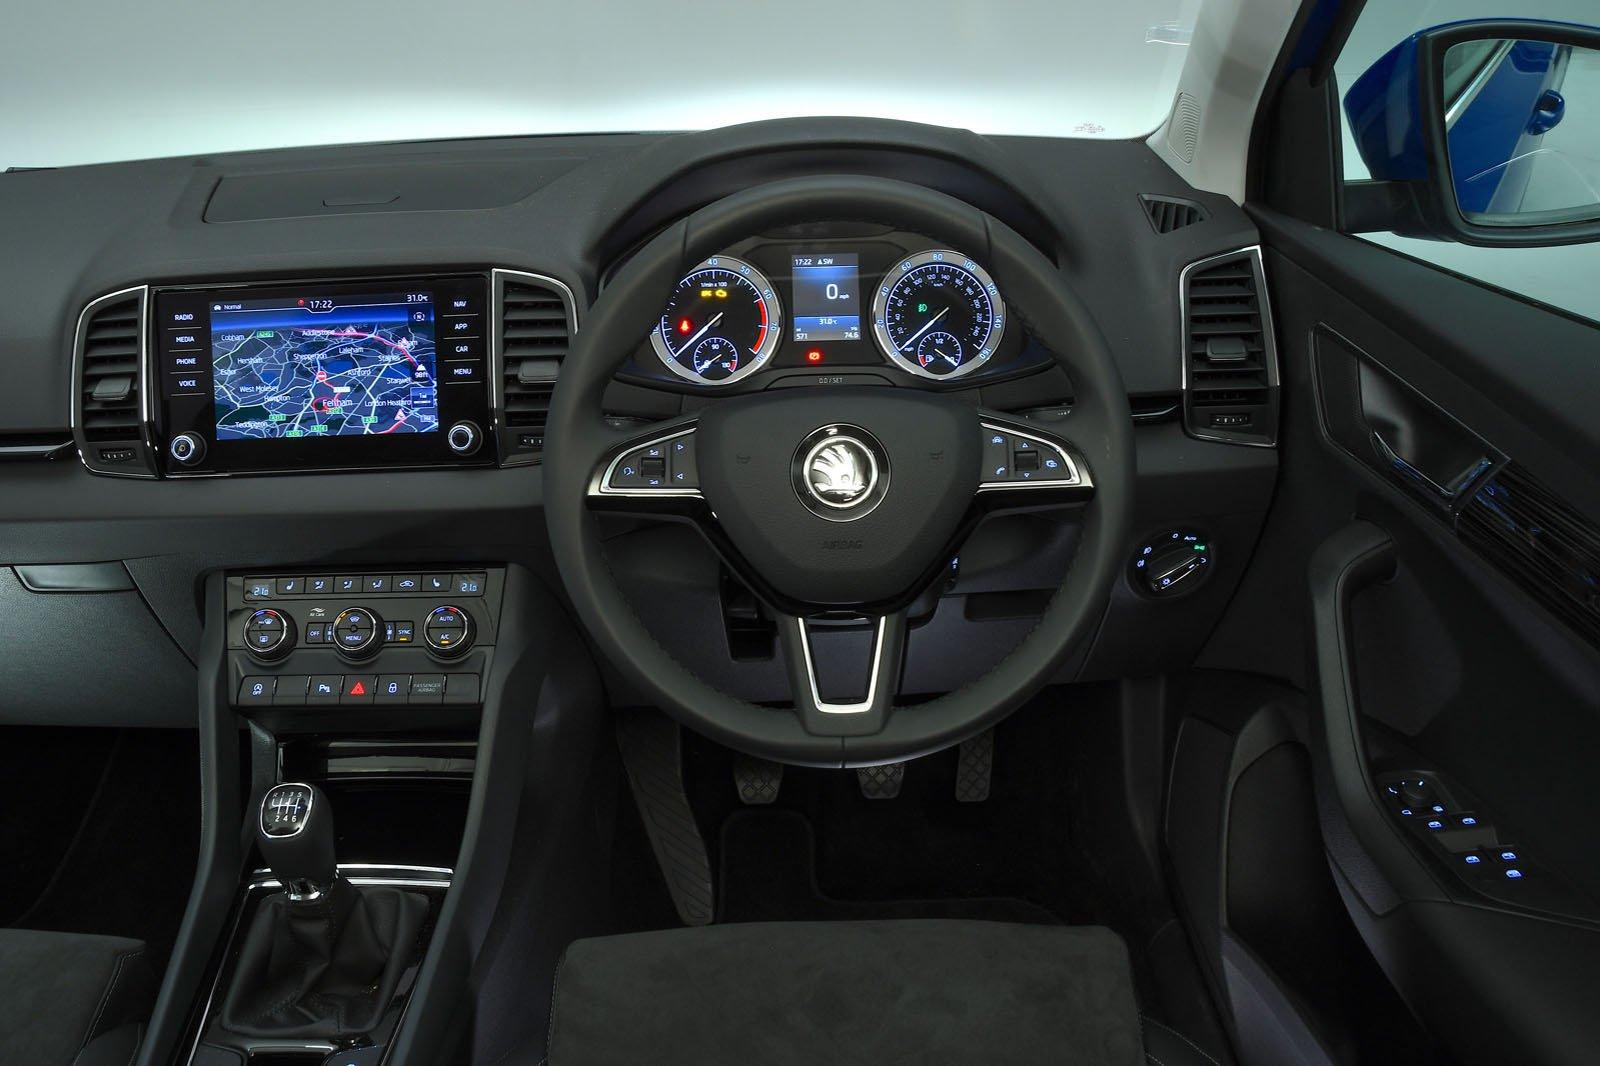 Skoda Karoq 1.0 TSI SE - interior